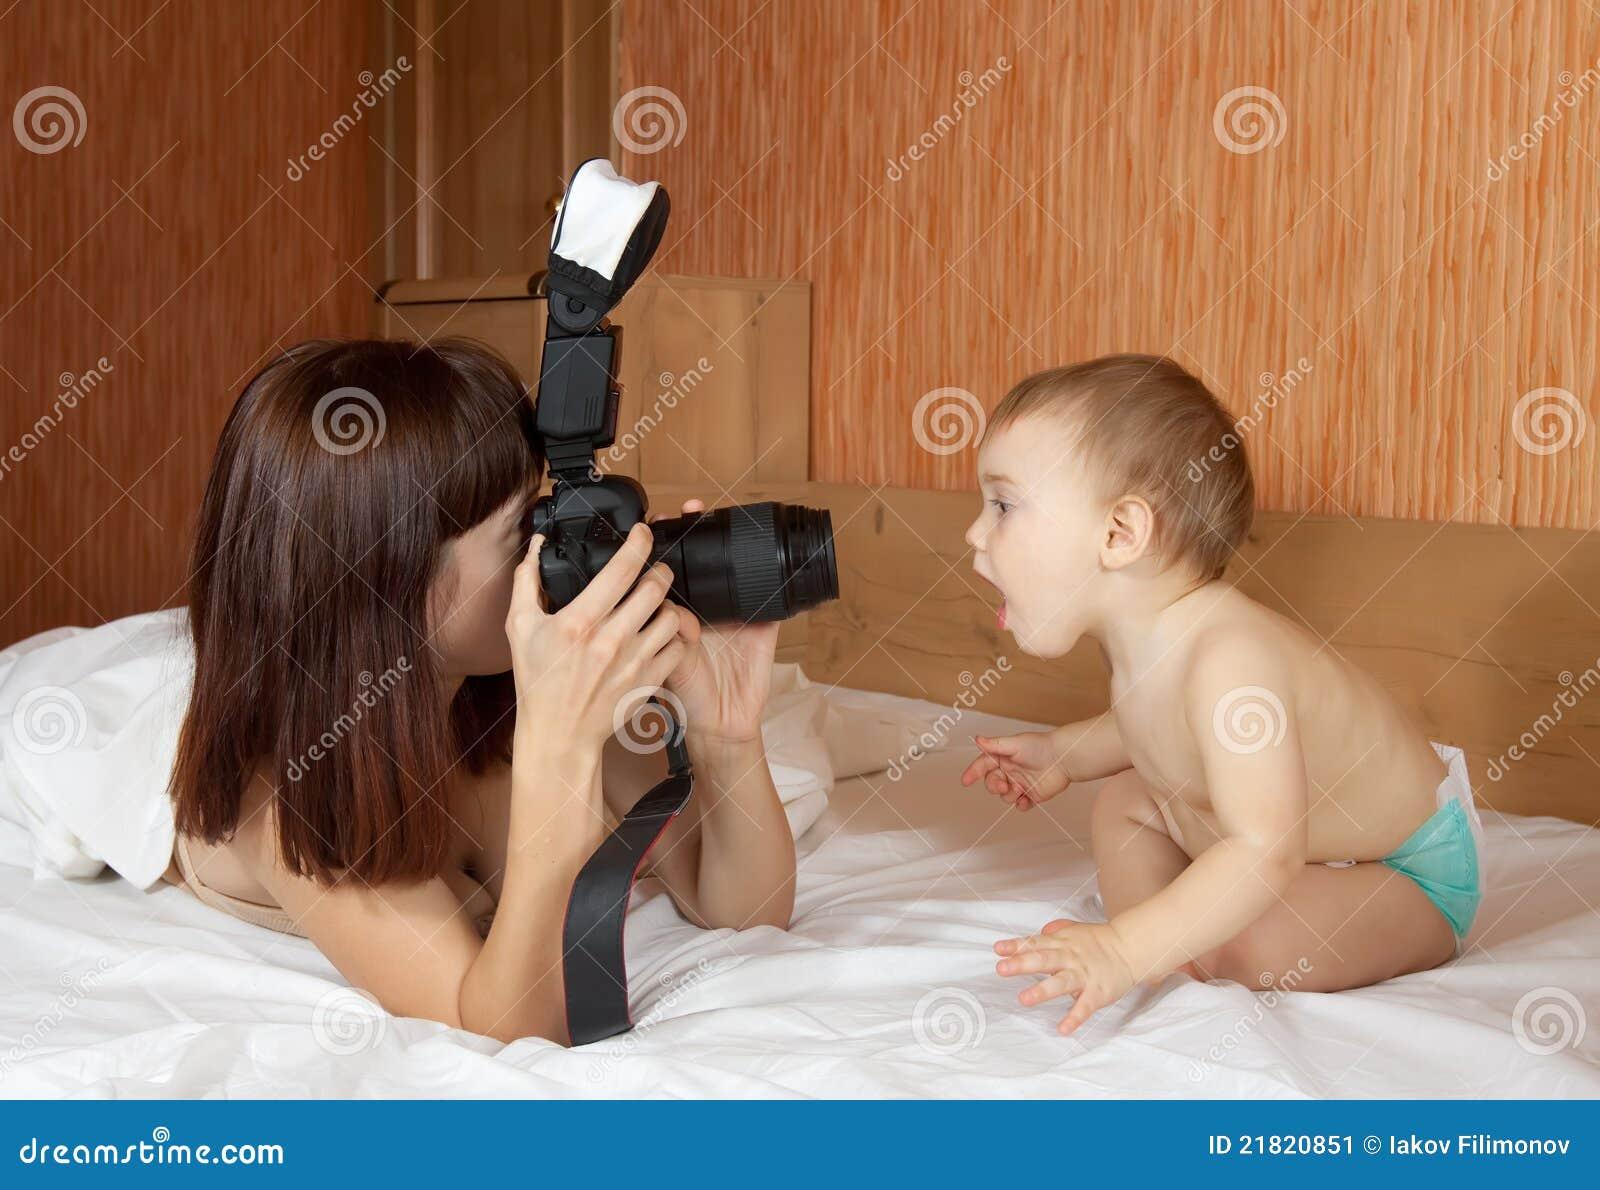 Скрытая камера. Реальное видео подглядывания в России.